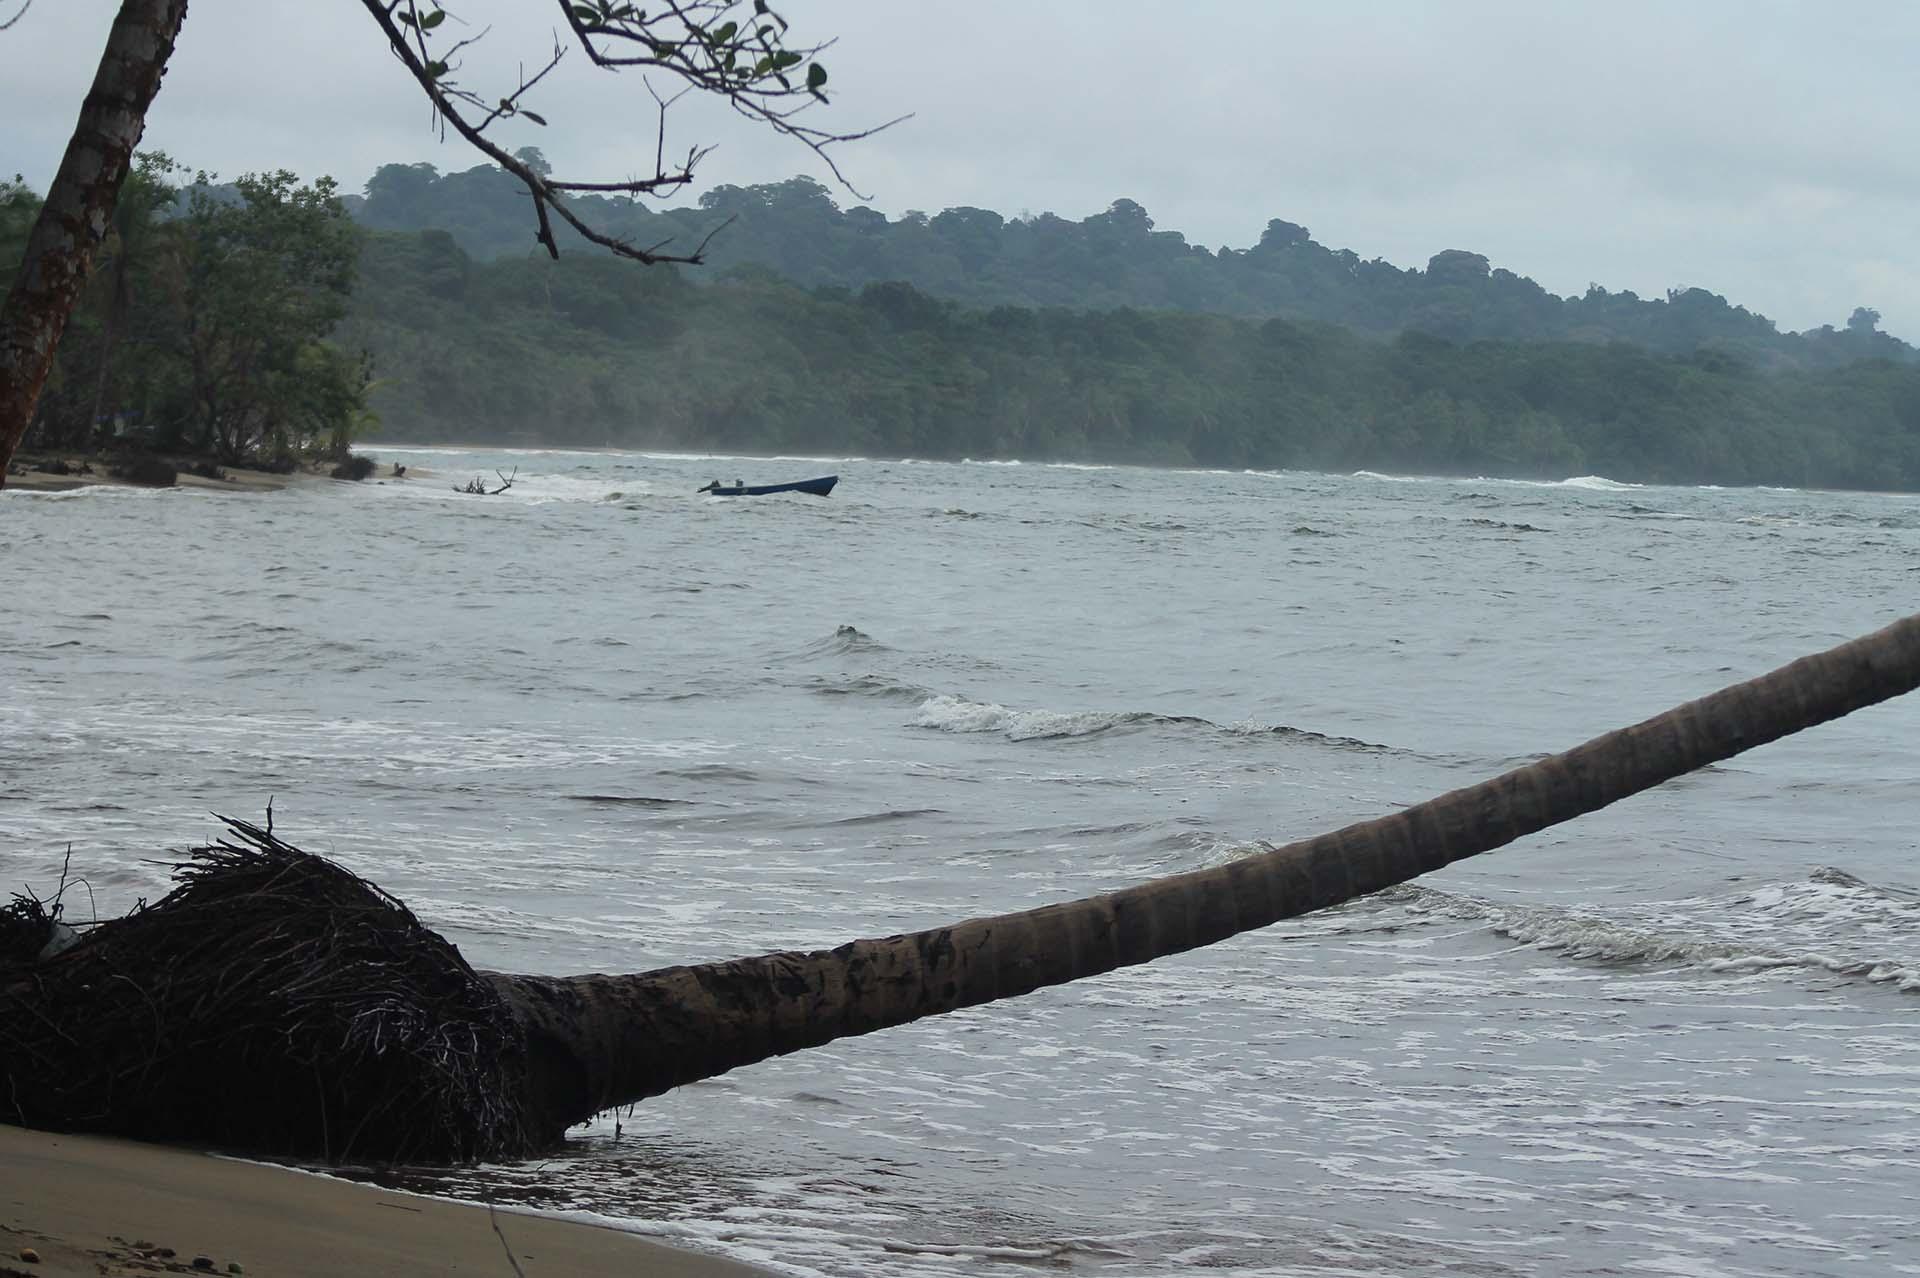 Refugio Nacional de Vida Silvestre Mixto Gandoca Manzanillo